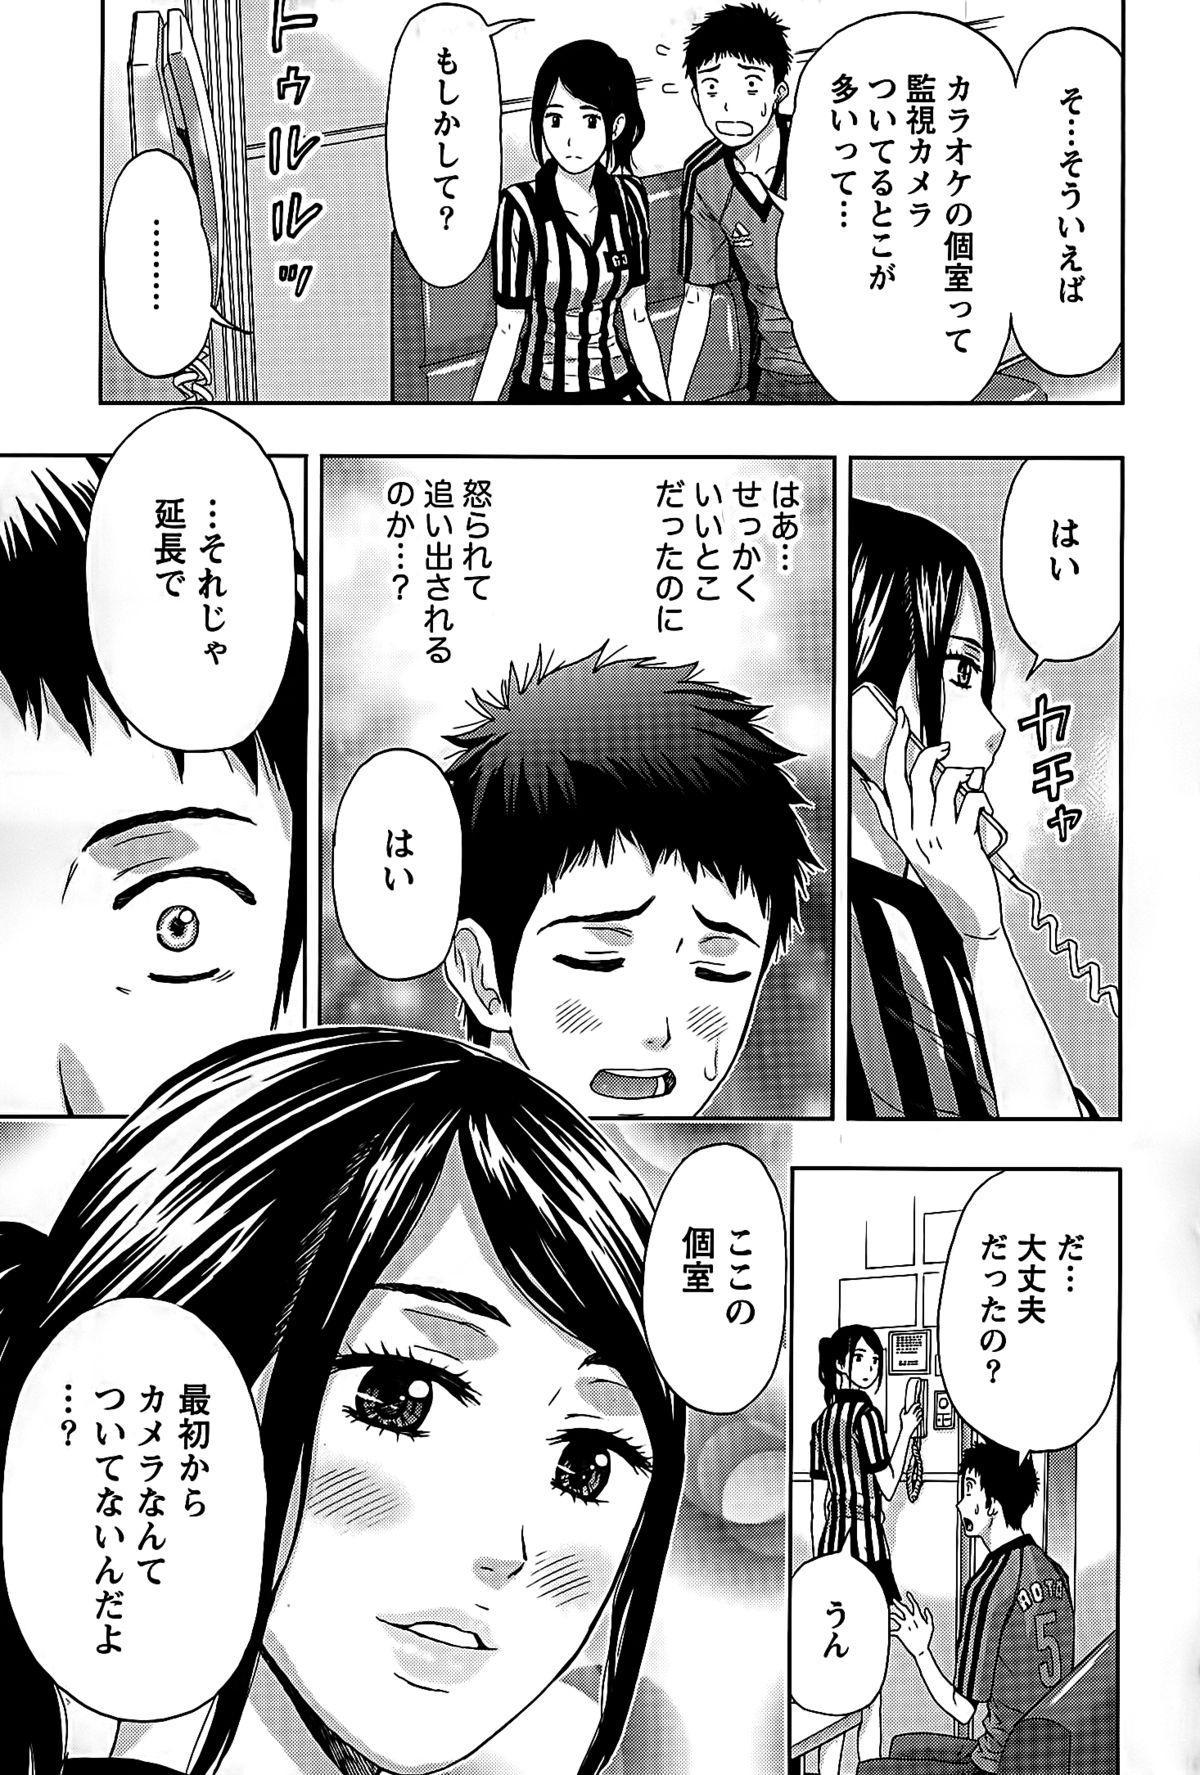 Shittori Lady to Amai Mitsu 137